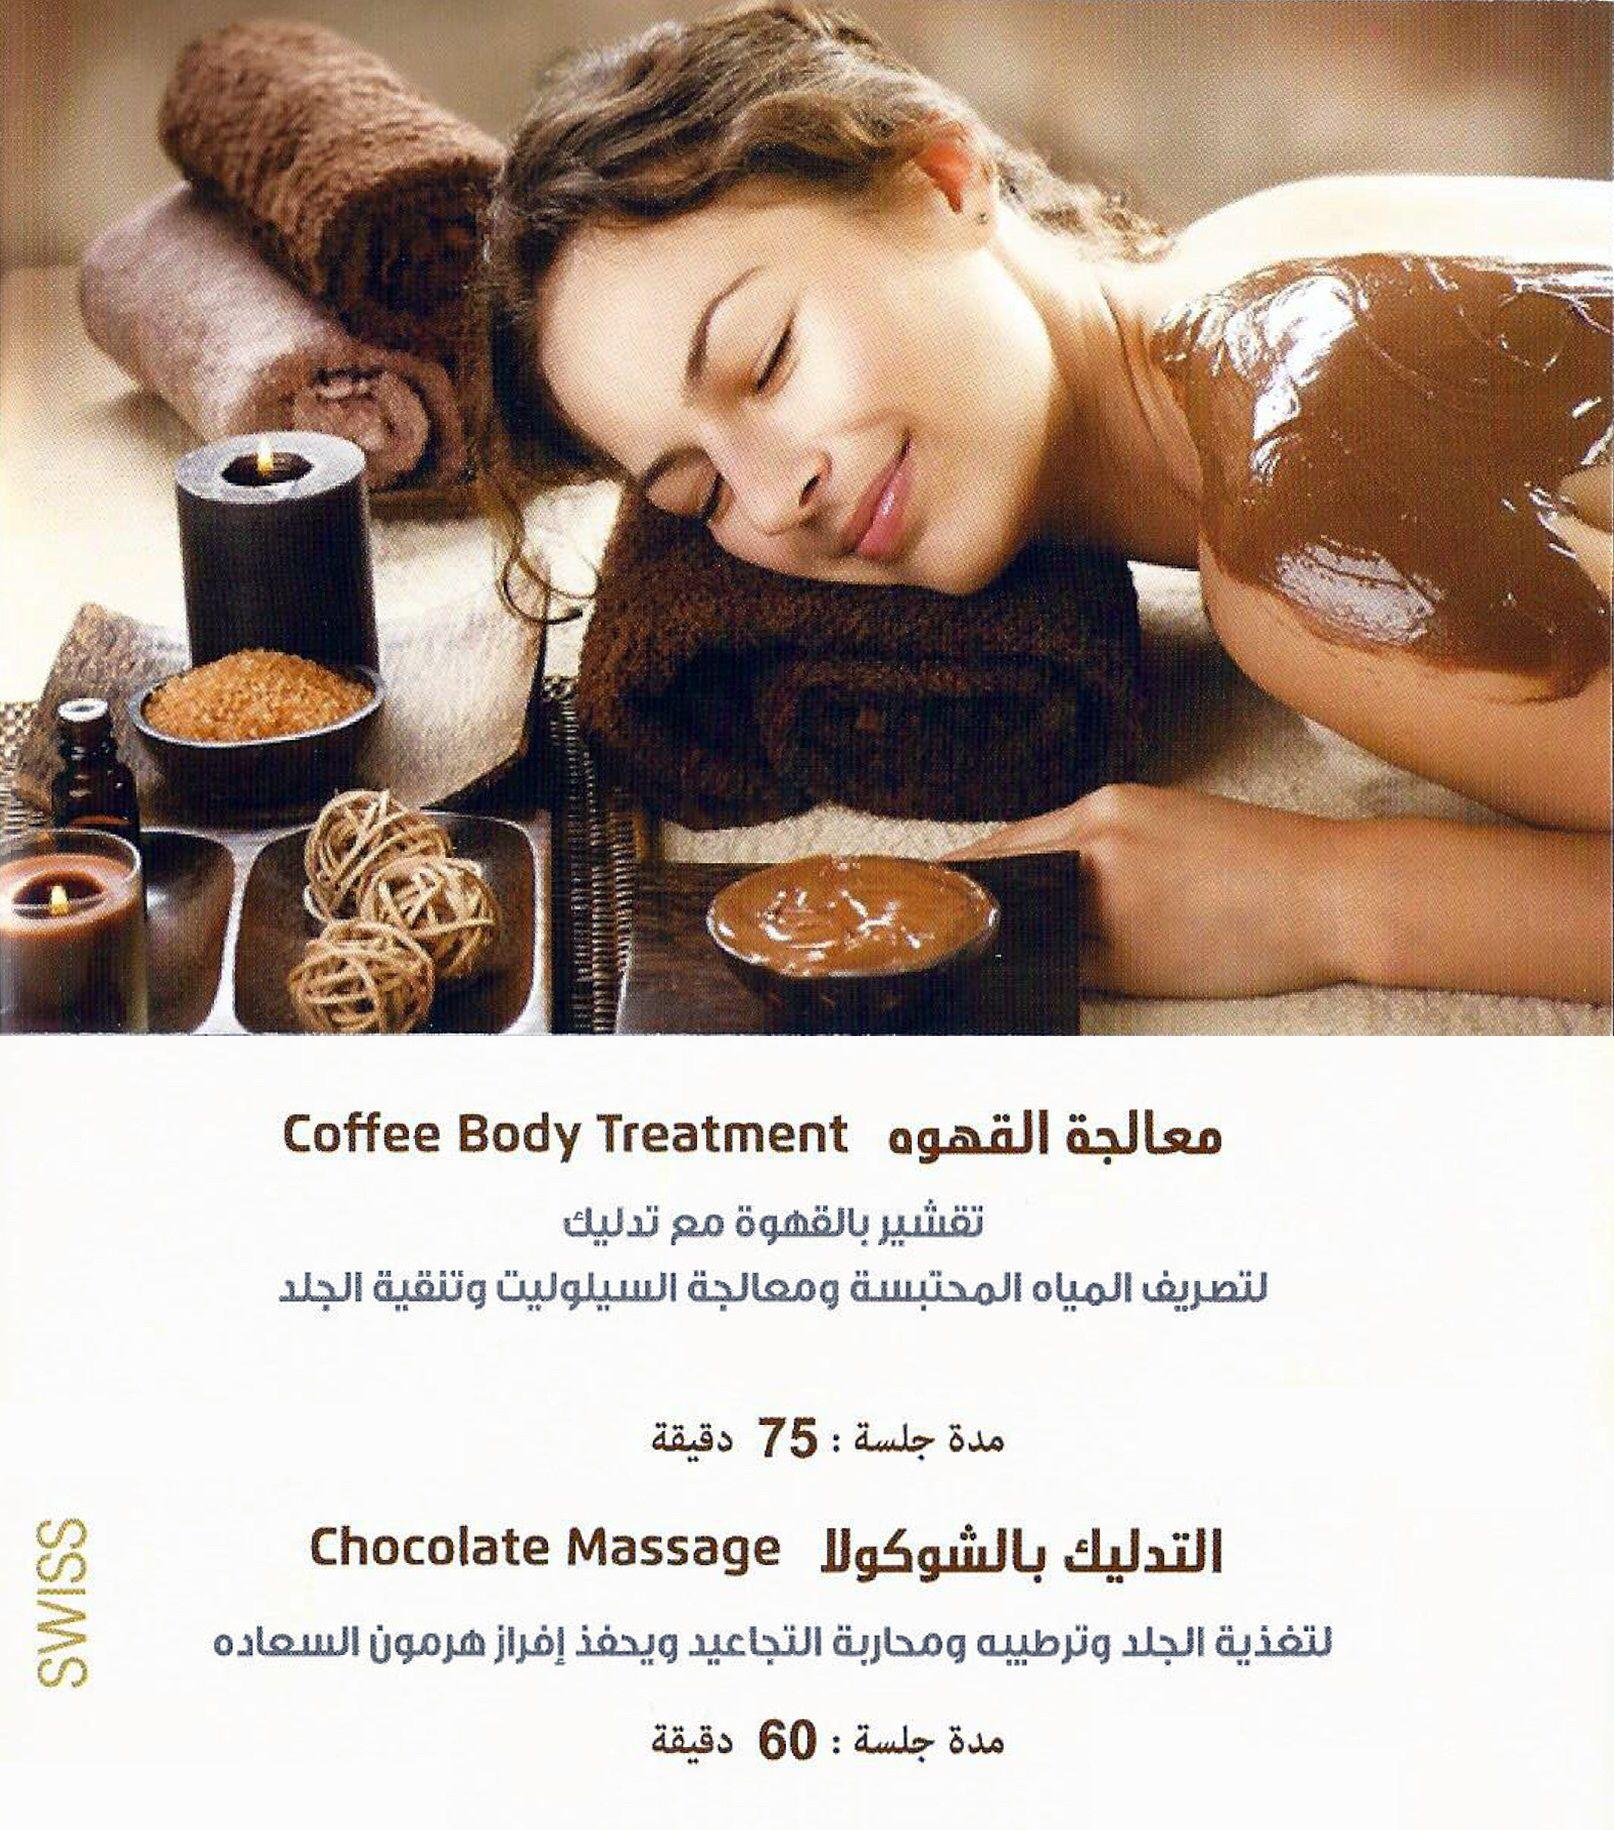 التقشير بالقهوة مع التدليك لتصريف المياه المحتبسة ومعالجة السيلوليت وتنقية الجسم ومعالجة الشوكولا حيث يتم تغليف الجسد بالشوكولا Body Treatments Treatment Body